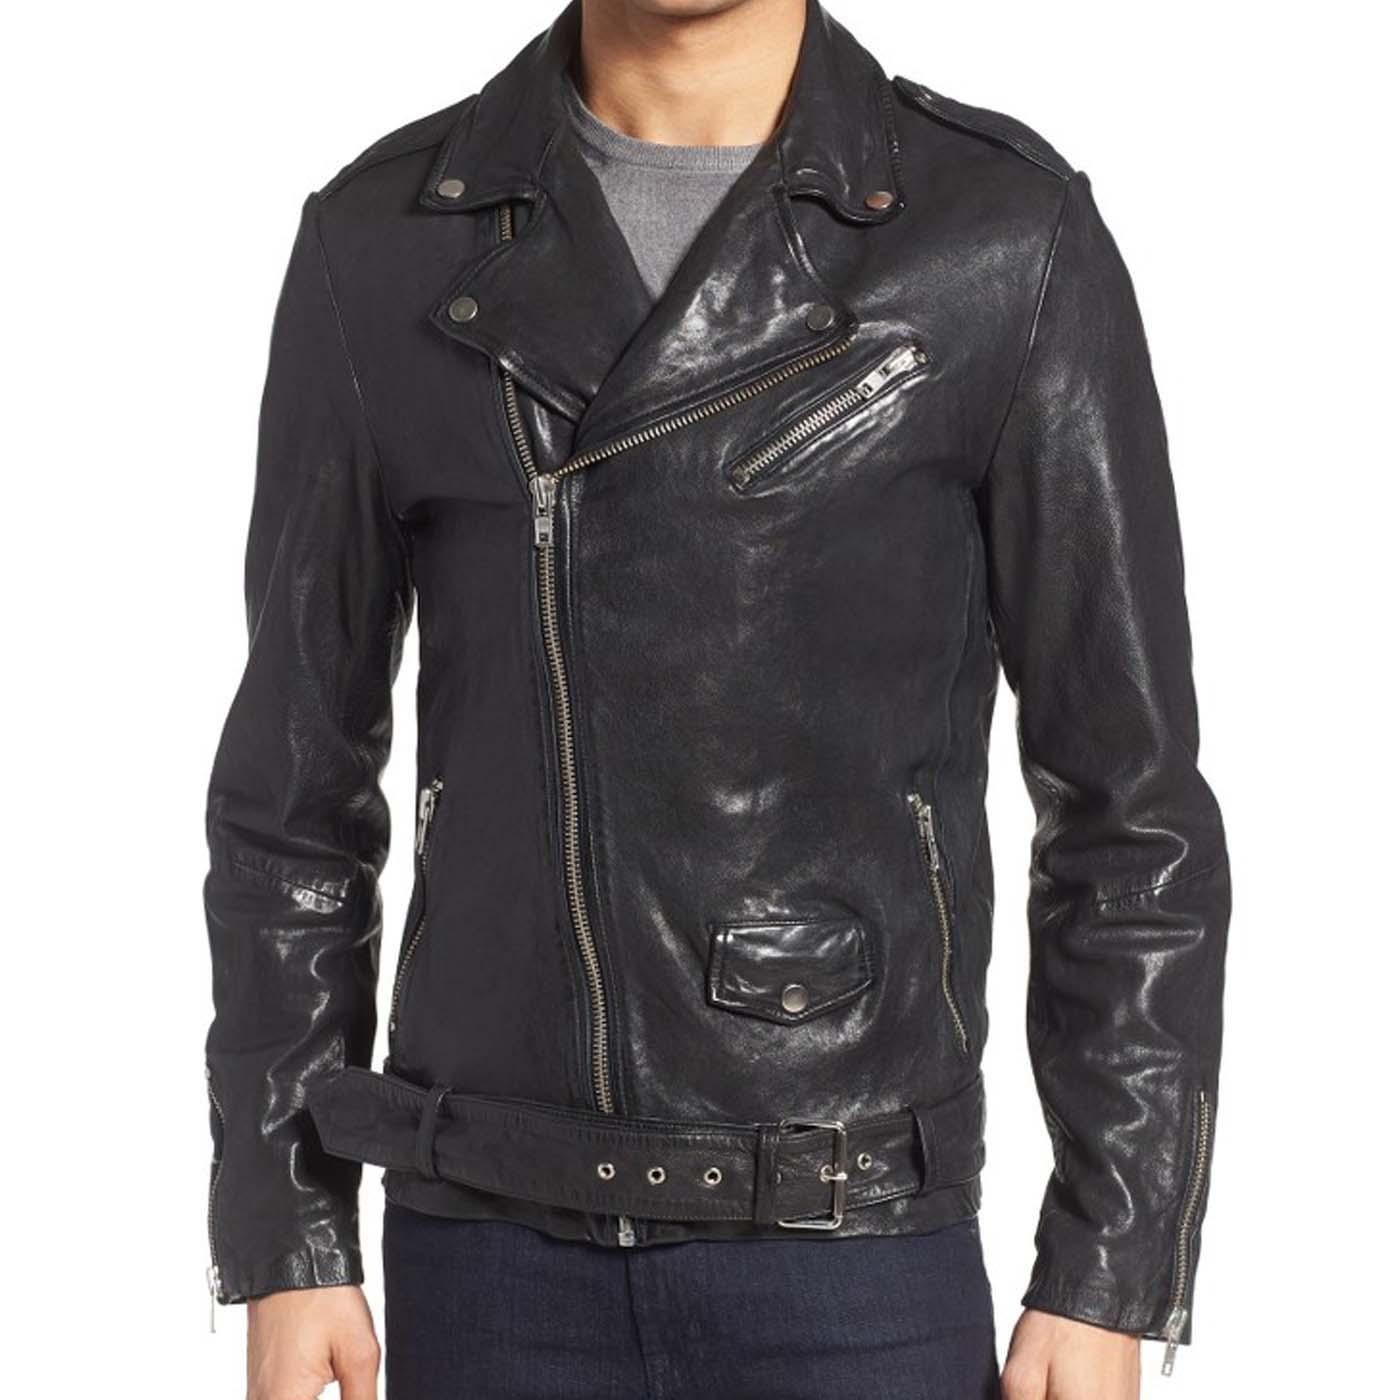 Leather Biker Jacket For Mens 4.